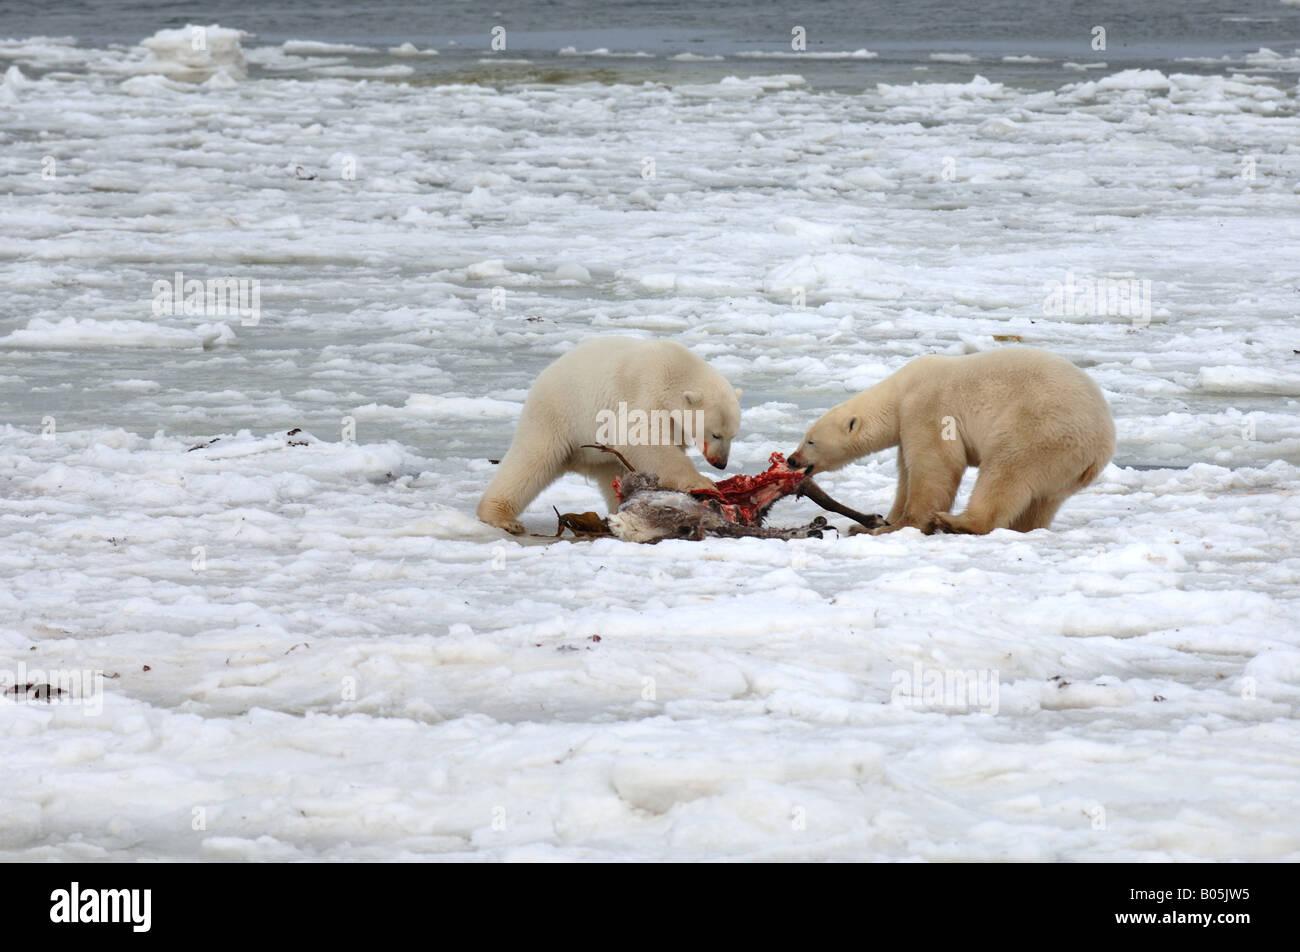 Manitoba Hudson Bay photos uniques de l'ours polaire mâle se nourrissant d'une carcasse de caribou Photo Stock